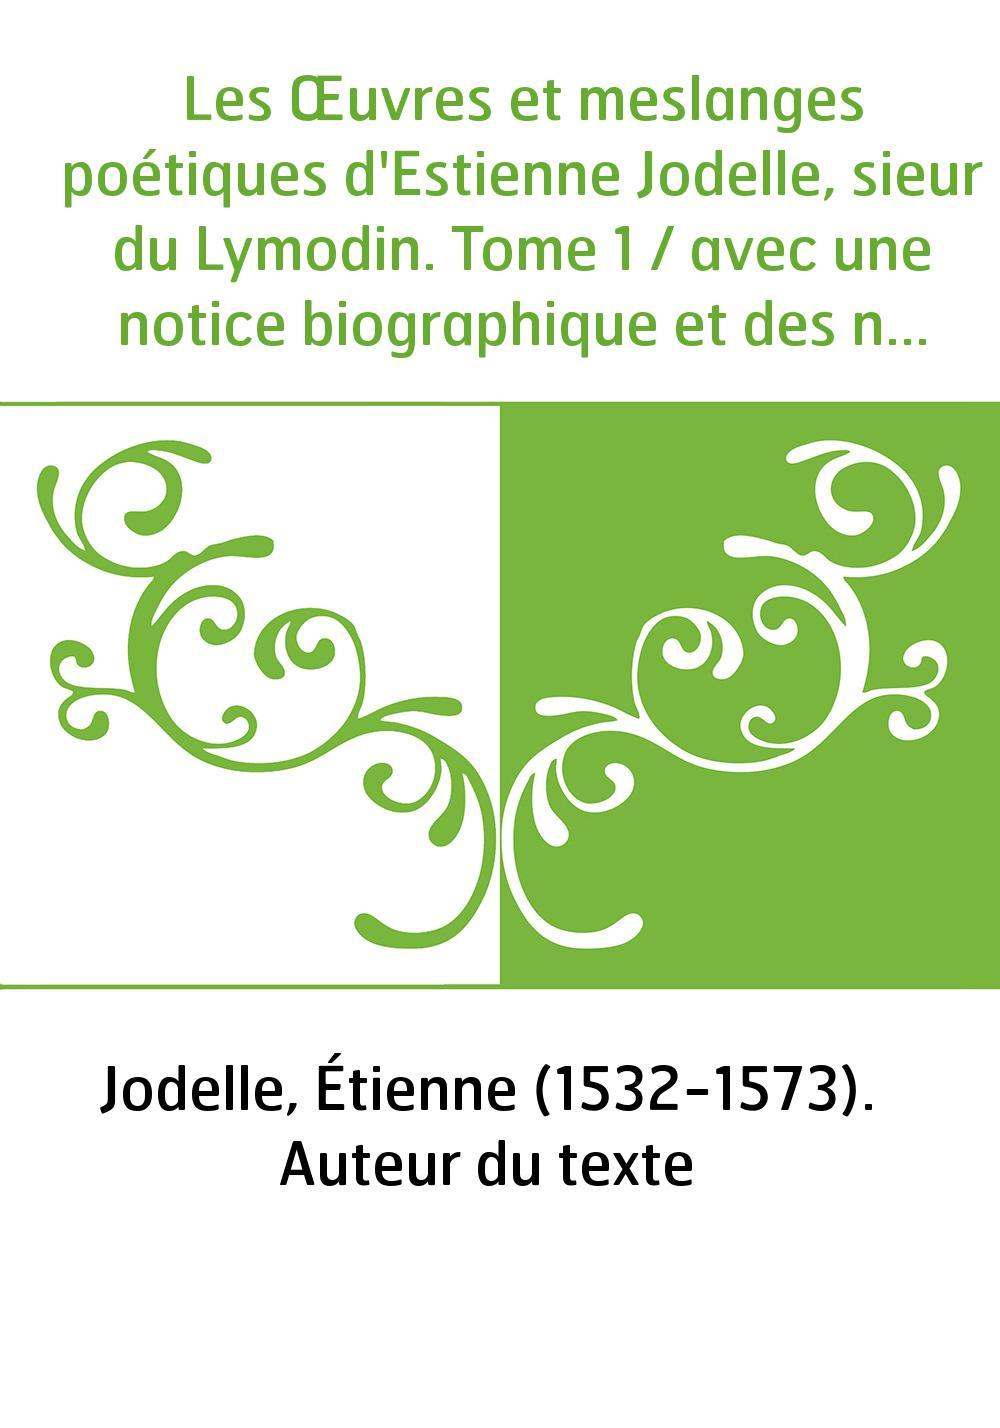 Les Œuvres et meslanges poétiques d'Estienne Jodelle, sieur du Lymodin. Tome 1 / avec une notice biographique et des notes, par